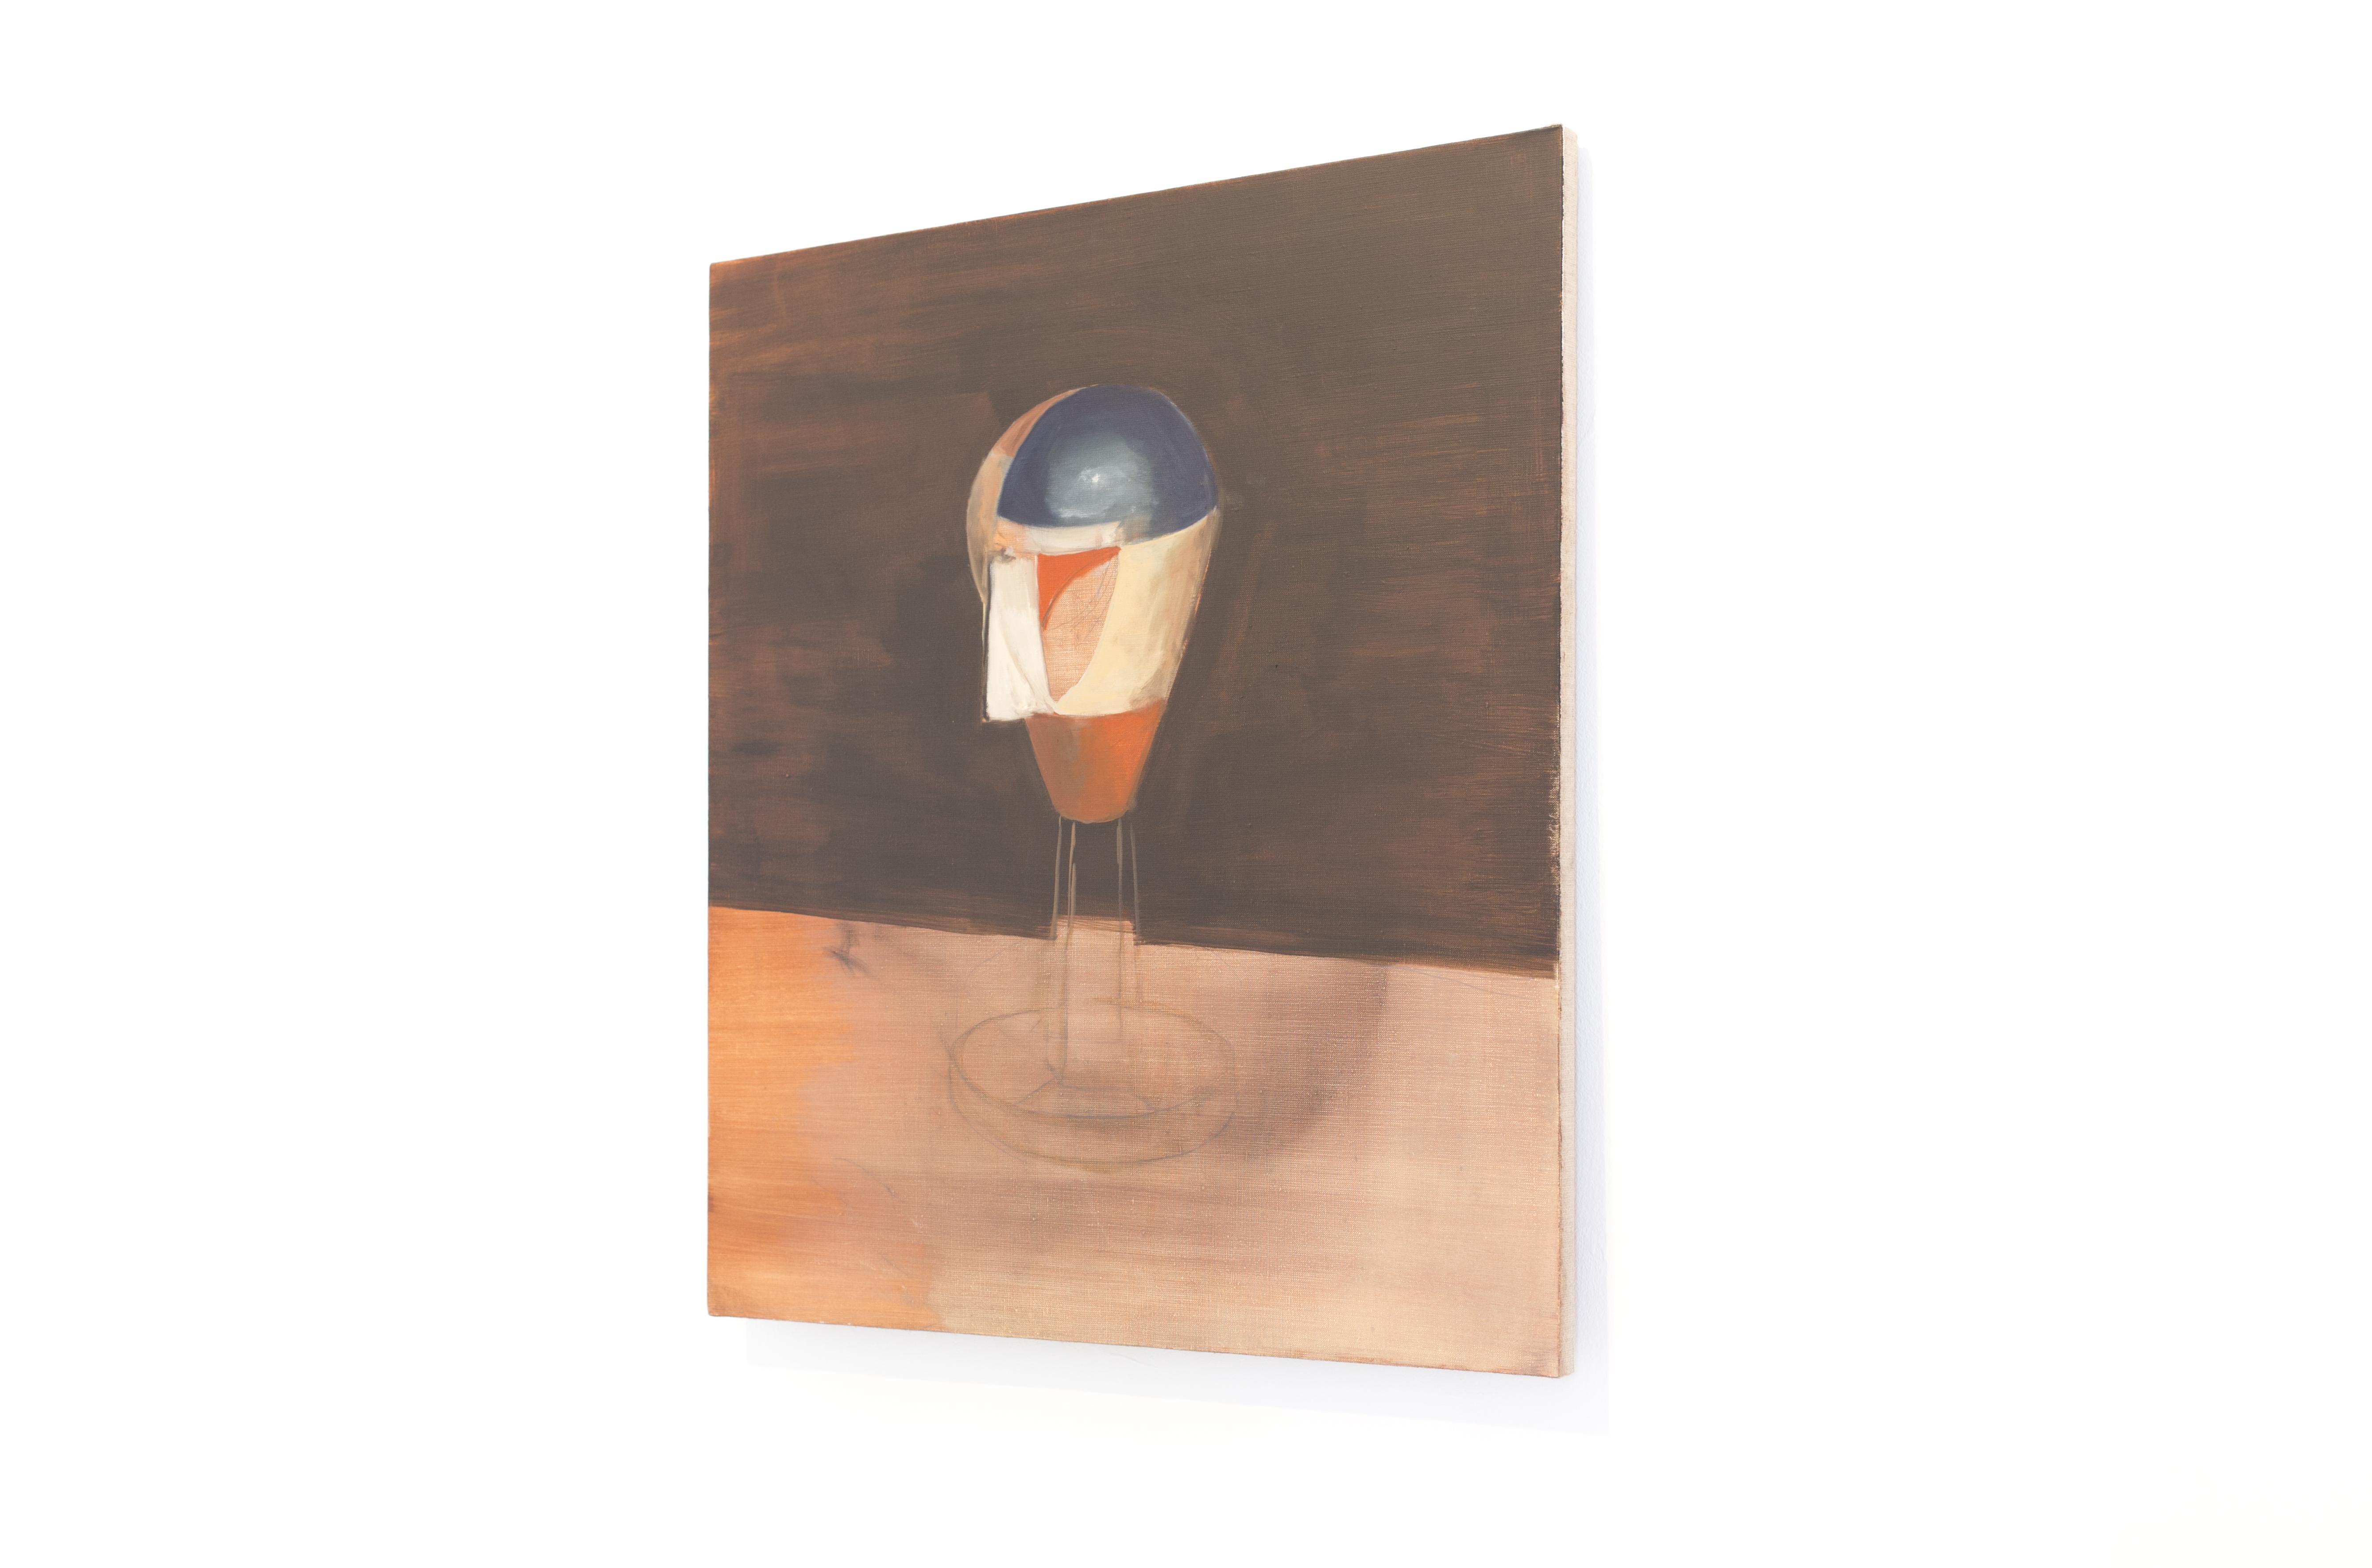 Mikołaj Małek, Portret (Dada Head), 2014, 74 x 65 cm, olej napłótnie